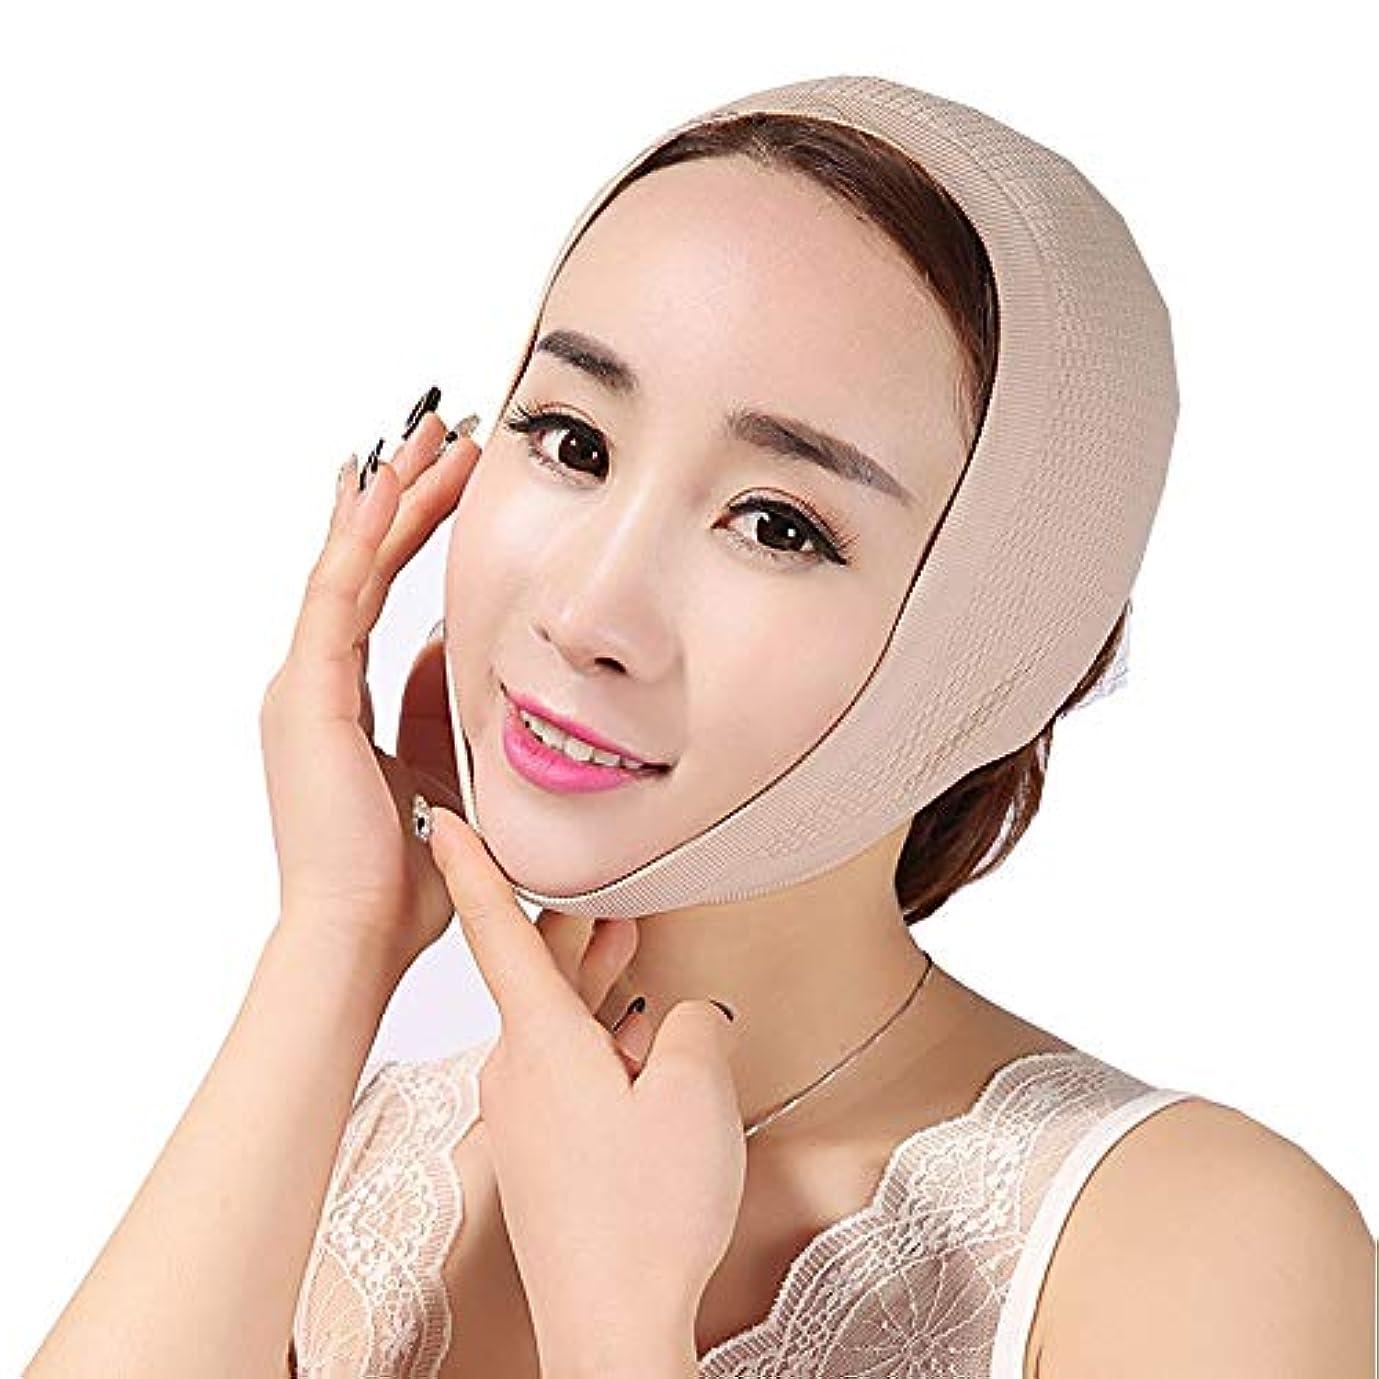 試みベテランピボットフェイスマスクで眠る薄い顔フェイスリフトフェイスリフトアーティファクトスモールフェイスVフェイスリフト付きフェイスフェイス包帯引き上げジョーセット